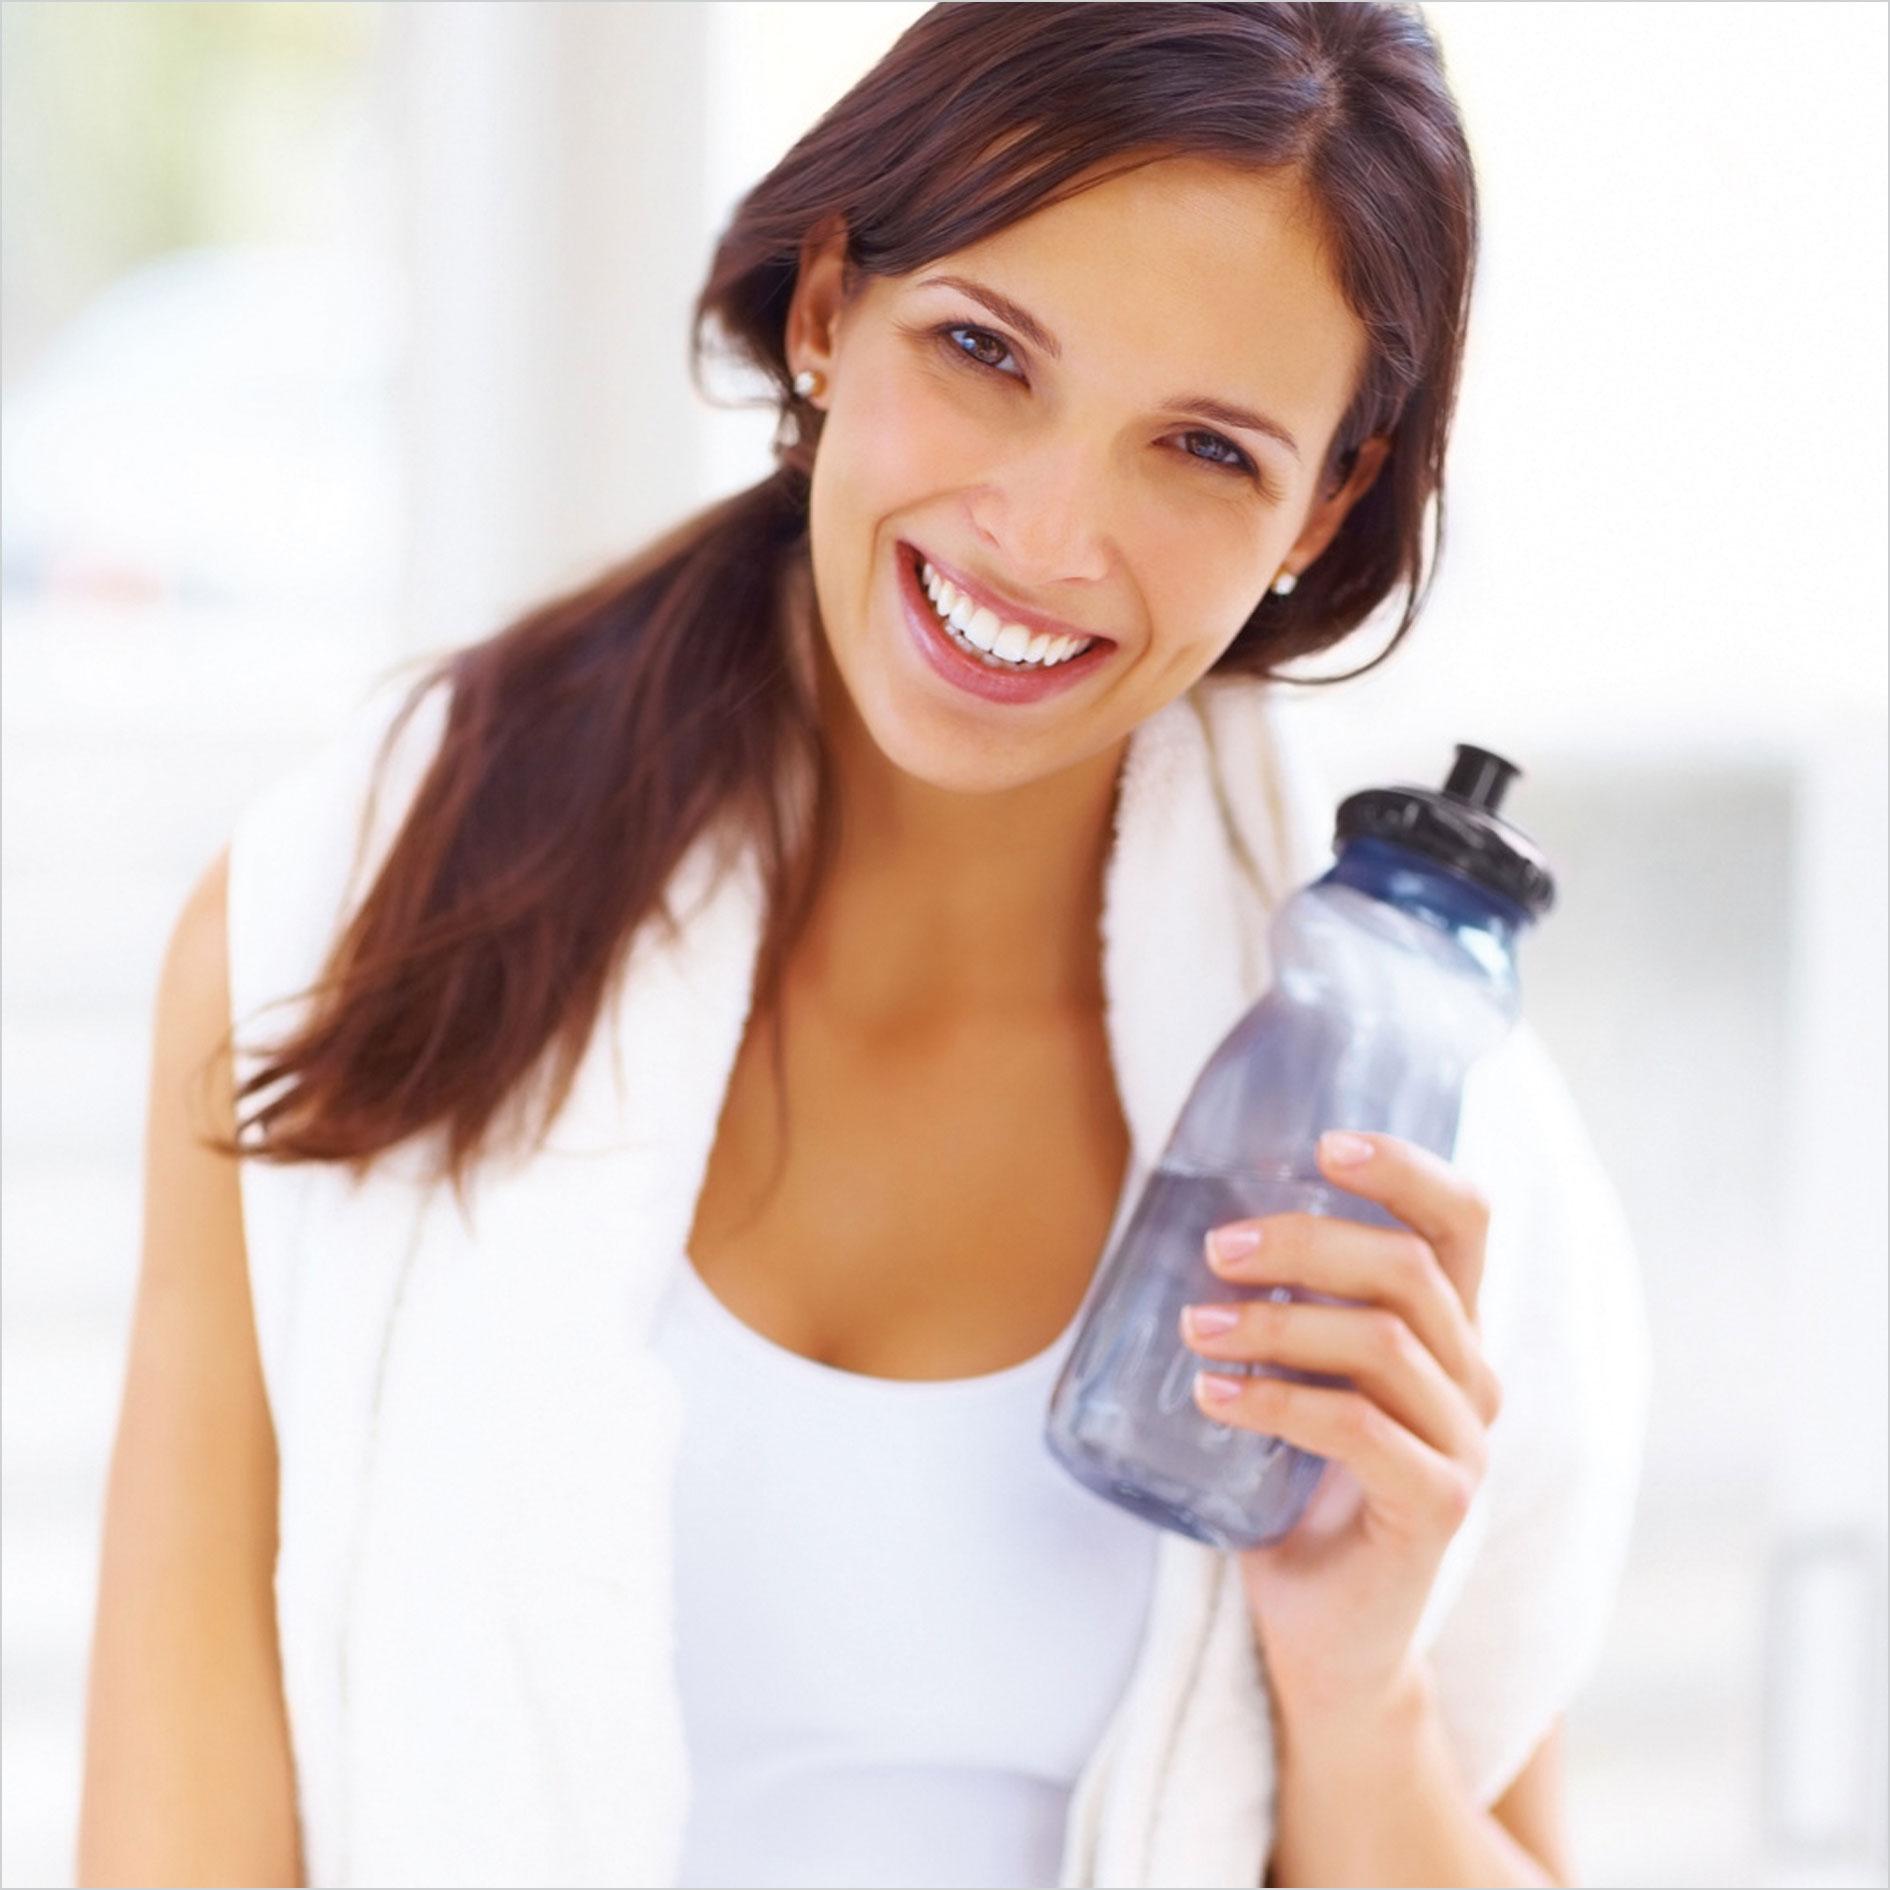 Frau in Sportoutfit mit Wasserflasche in Hand lächelt